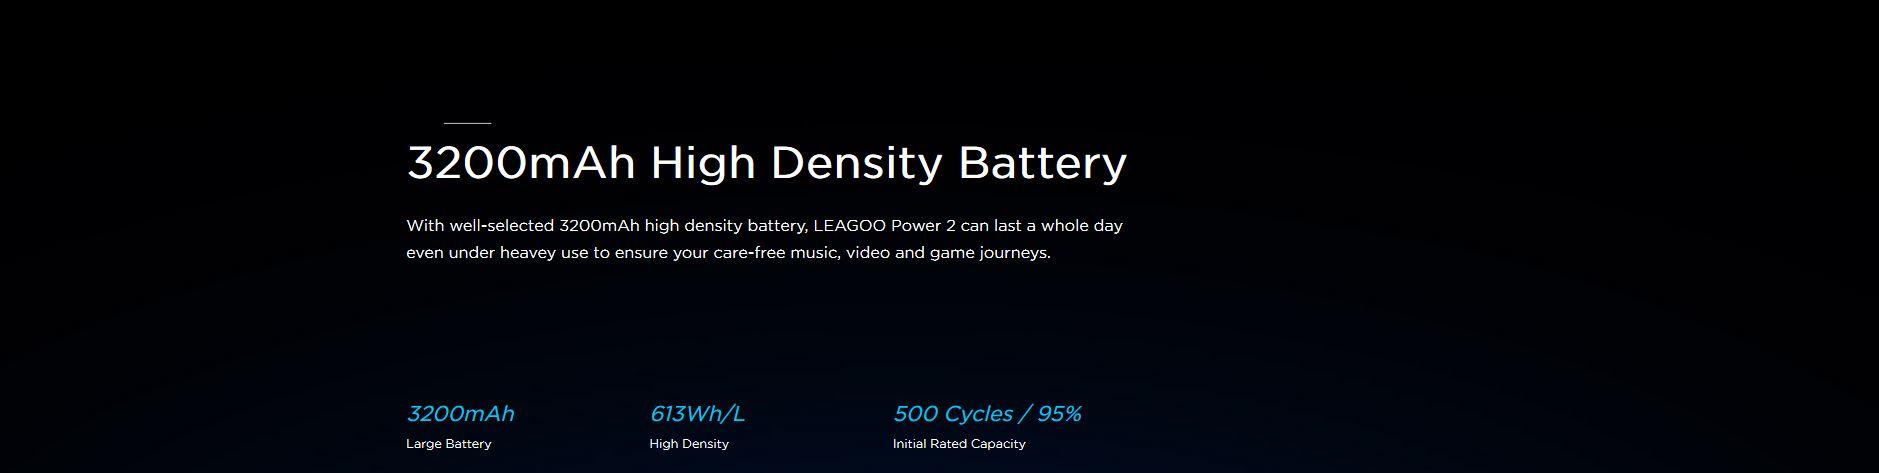 Offrir Leagoo Power 2